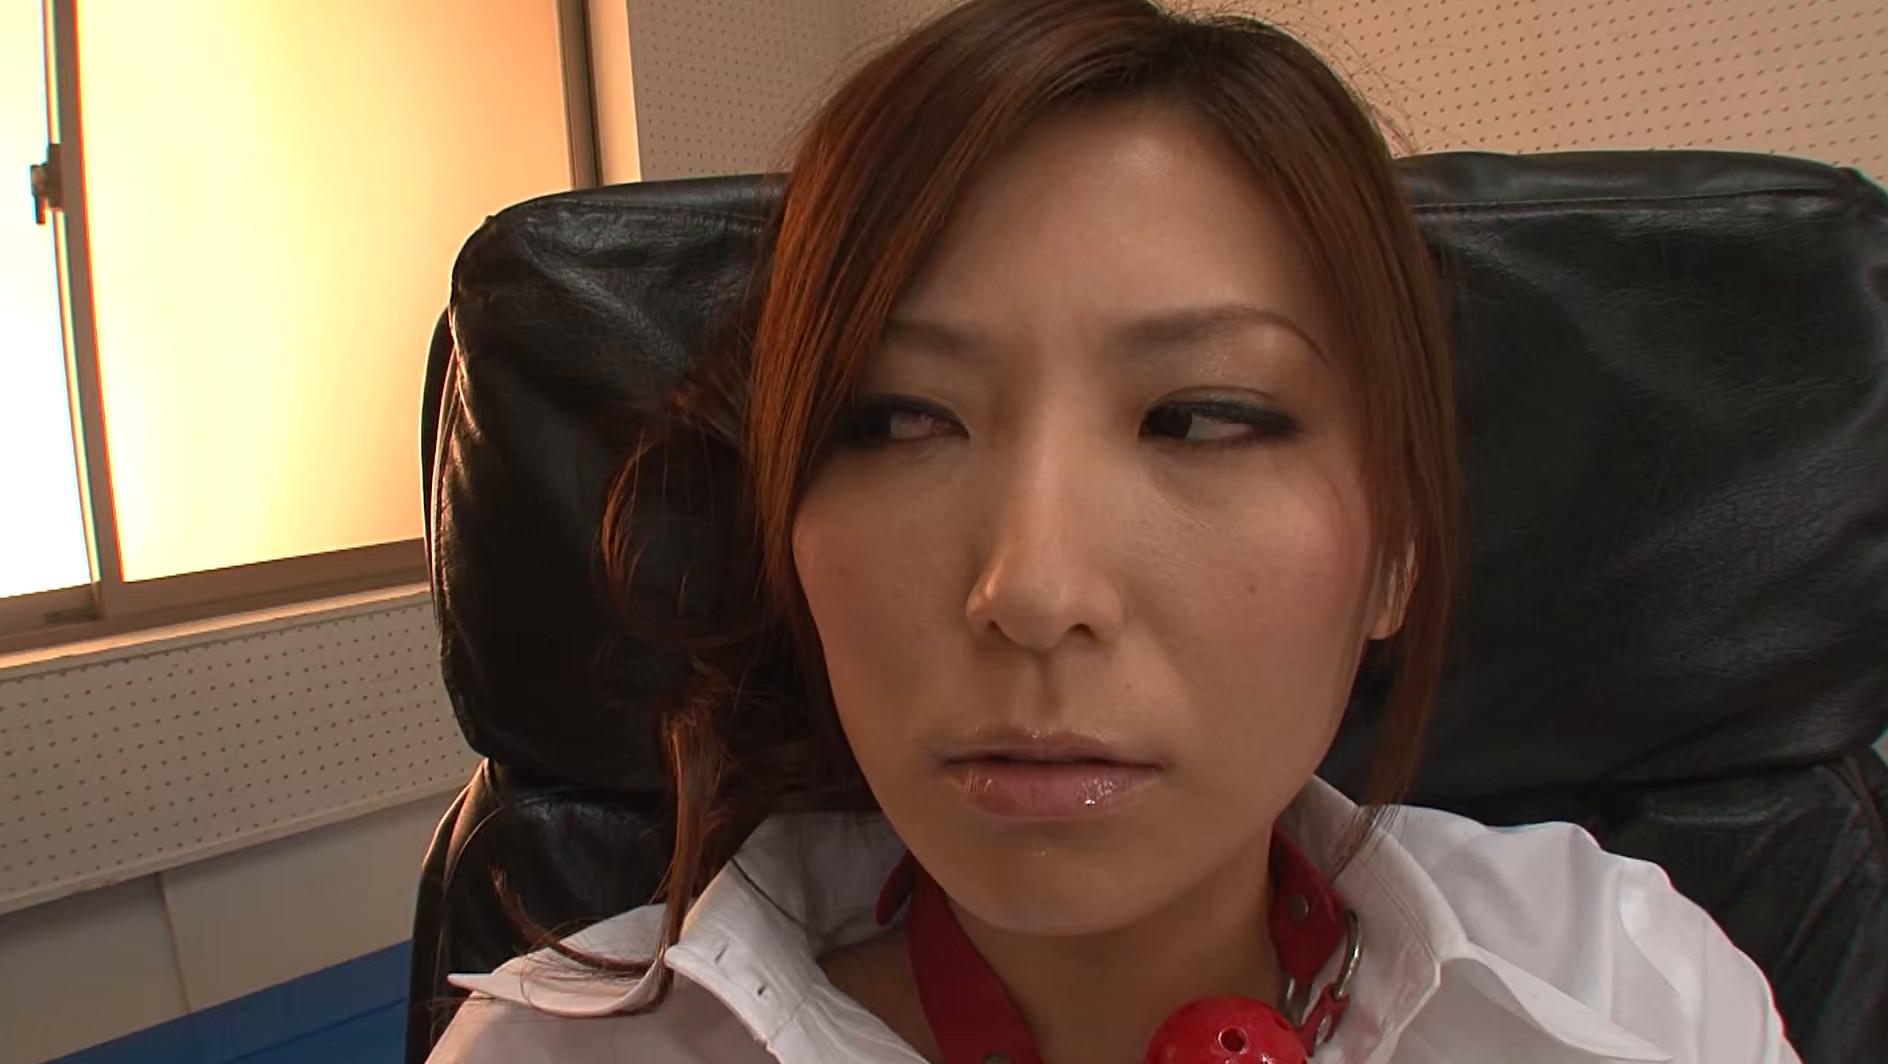 そんな弱っちい目で見ないでくださいよぉ・・・いつもは怖~い椎名先生(笑) 椎名ゆな 画像2